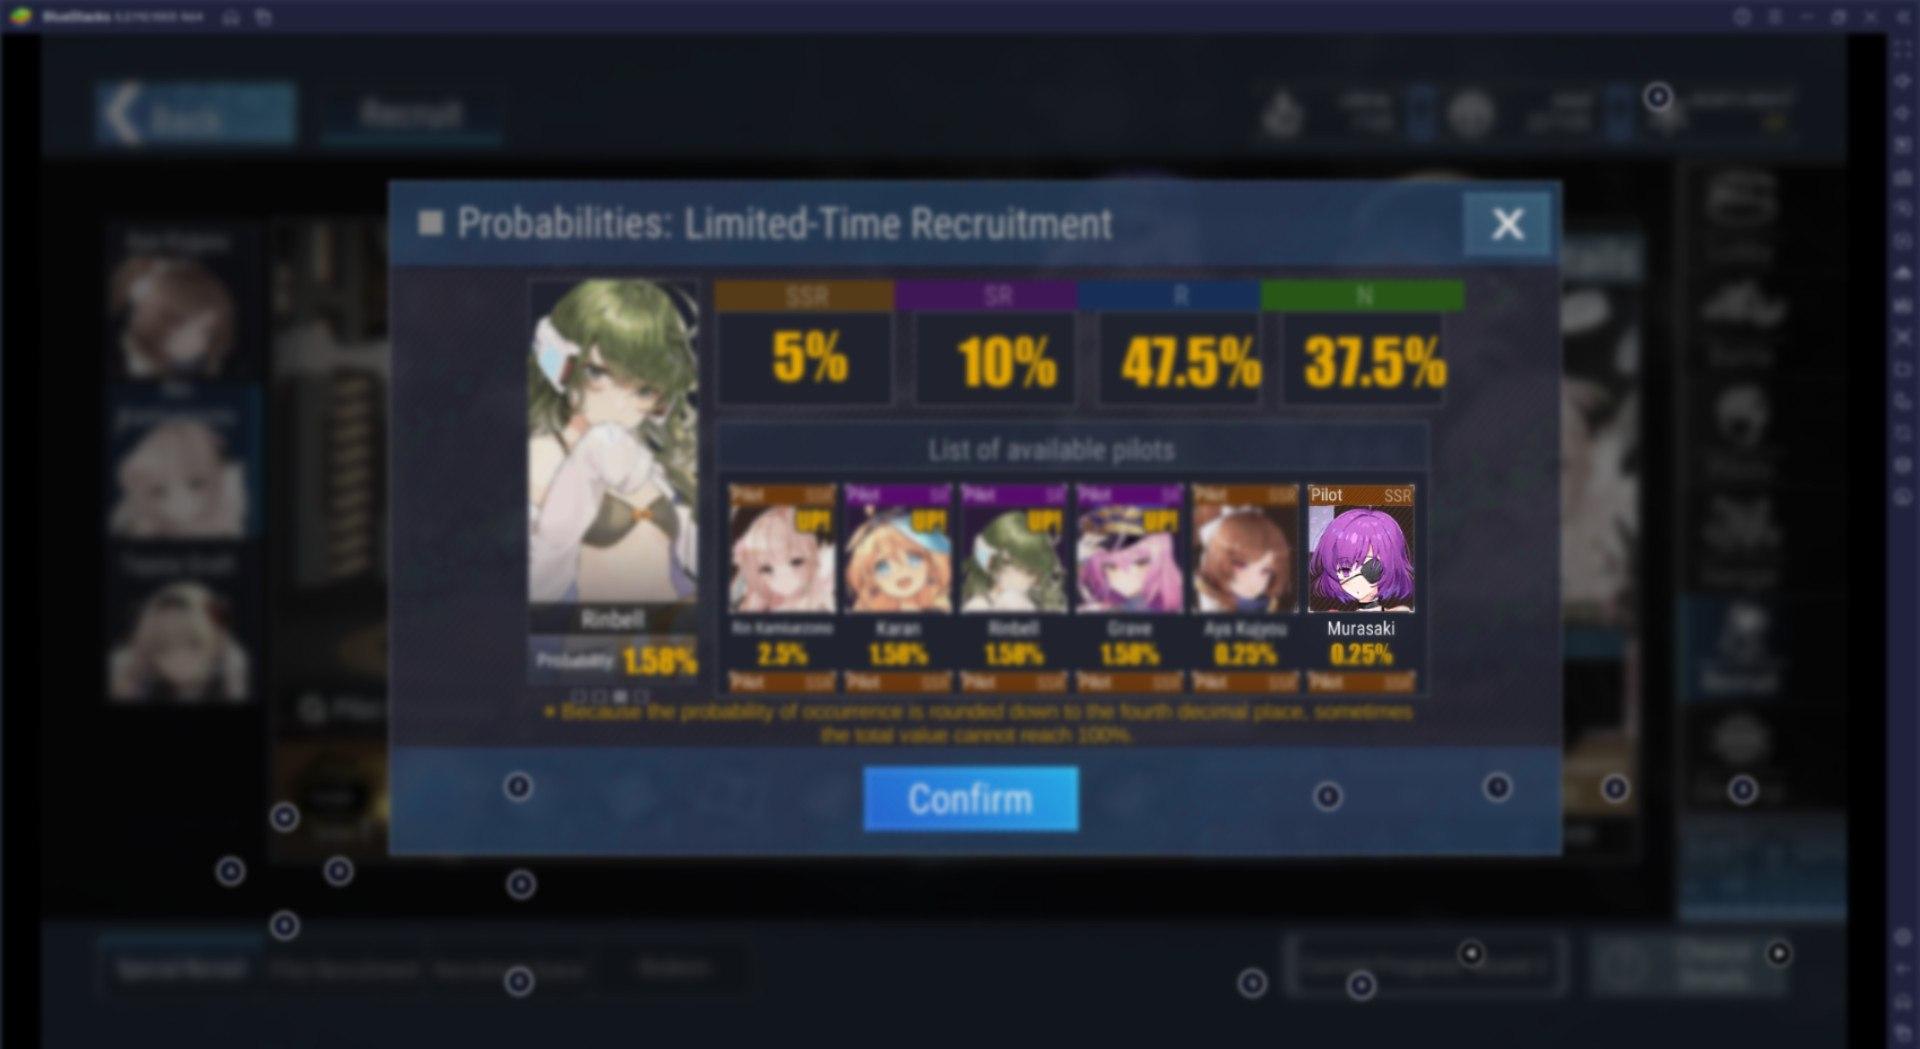 แนะนำตัวละคร Tier List ที่ดีที่สุด 2 ระดับใน Final Gear